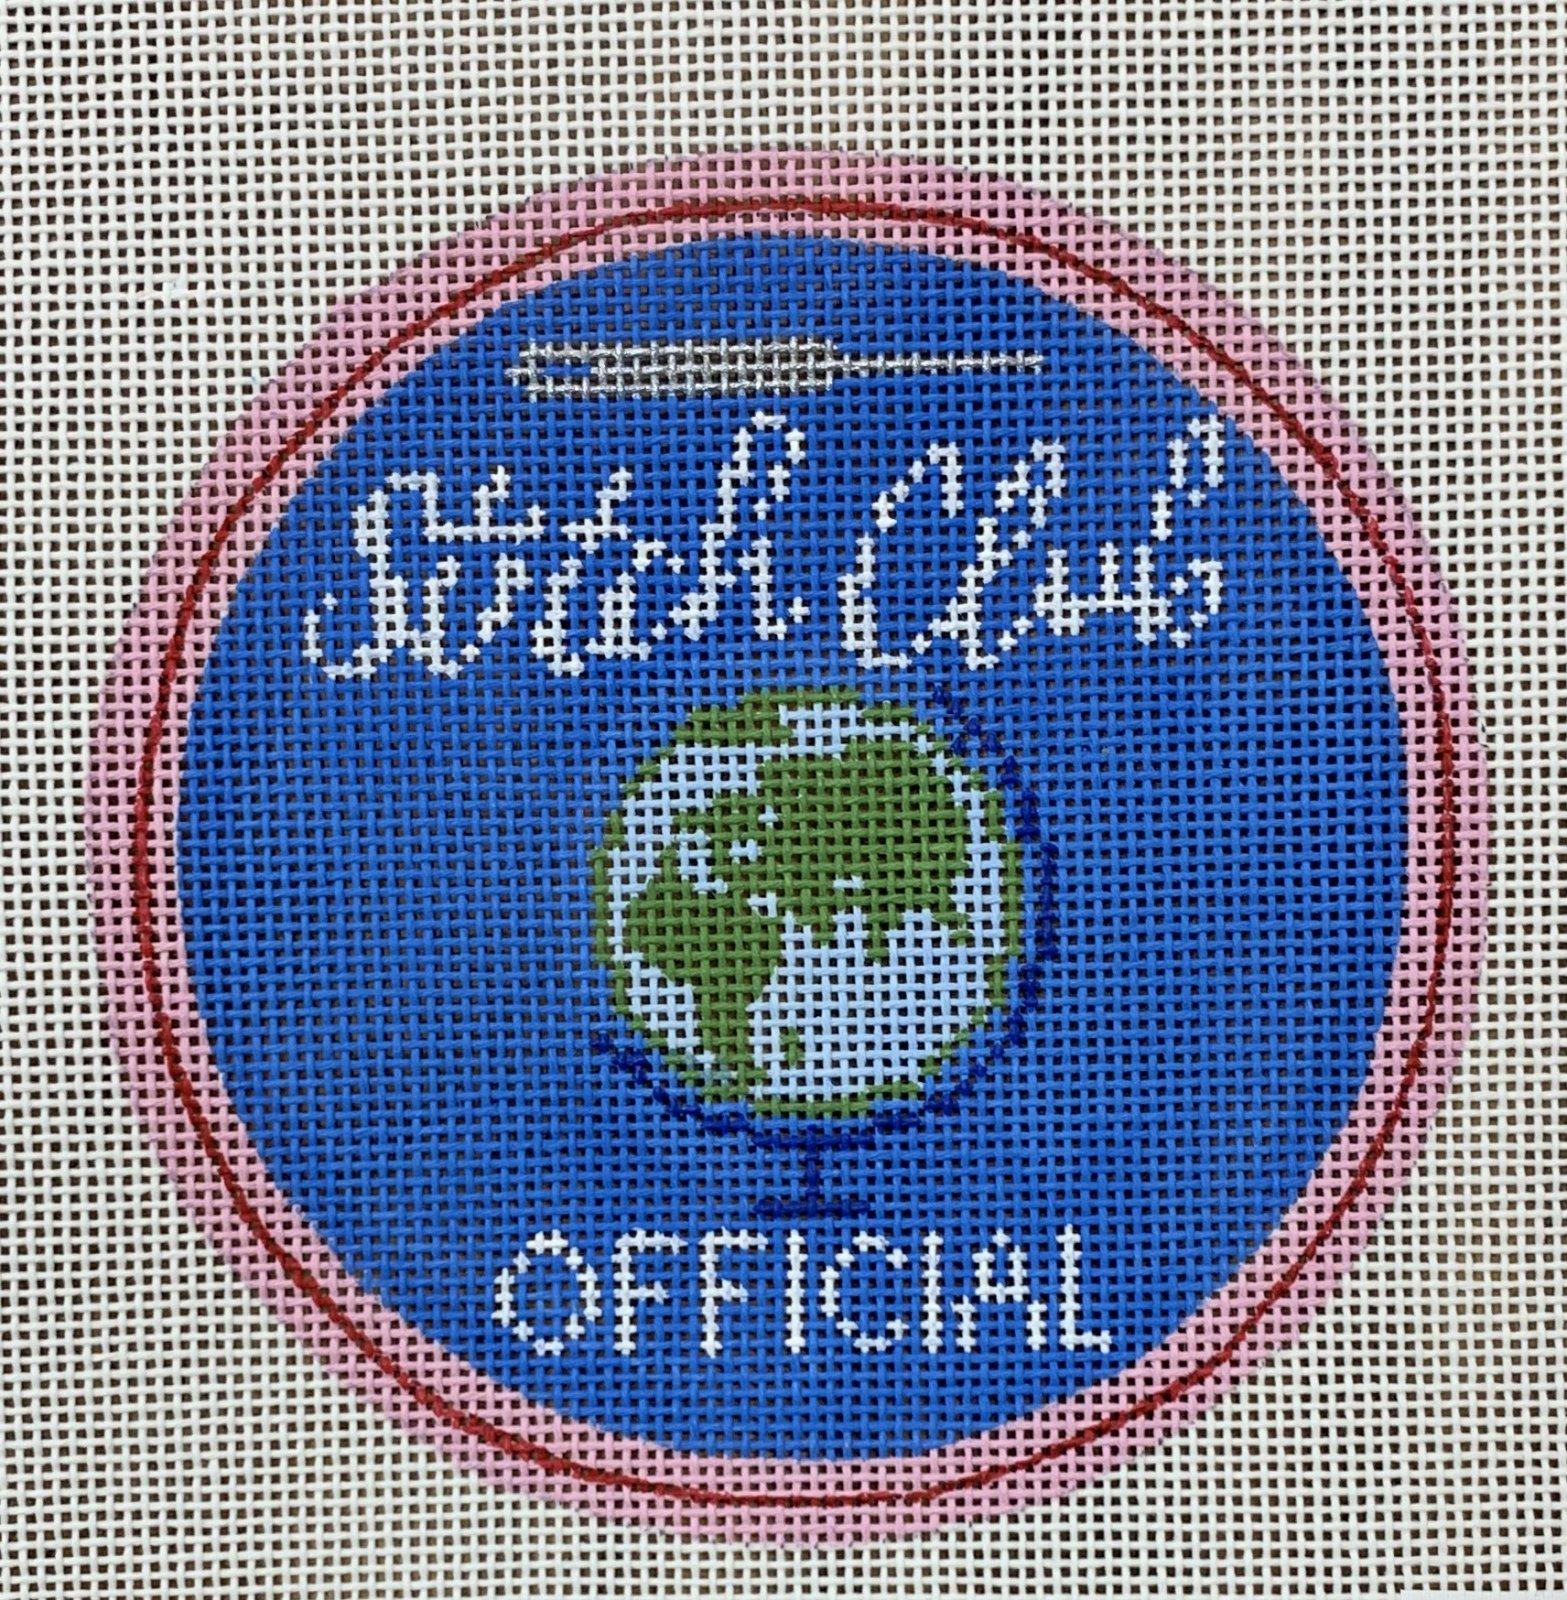 LL149 Stitch Club Offical